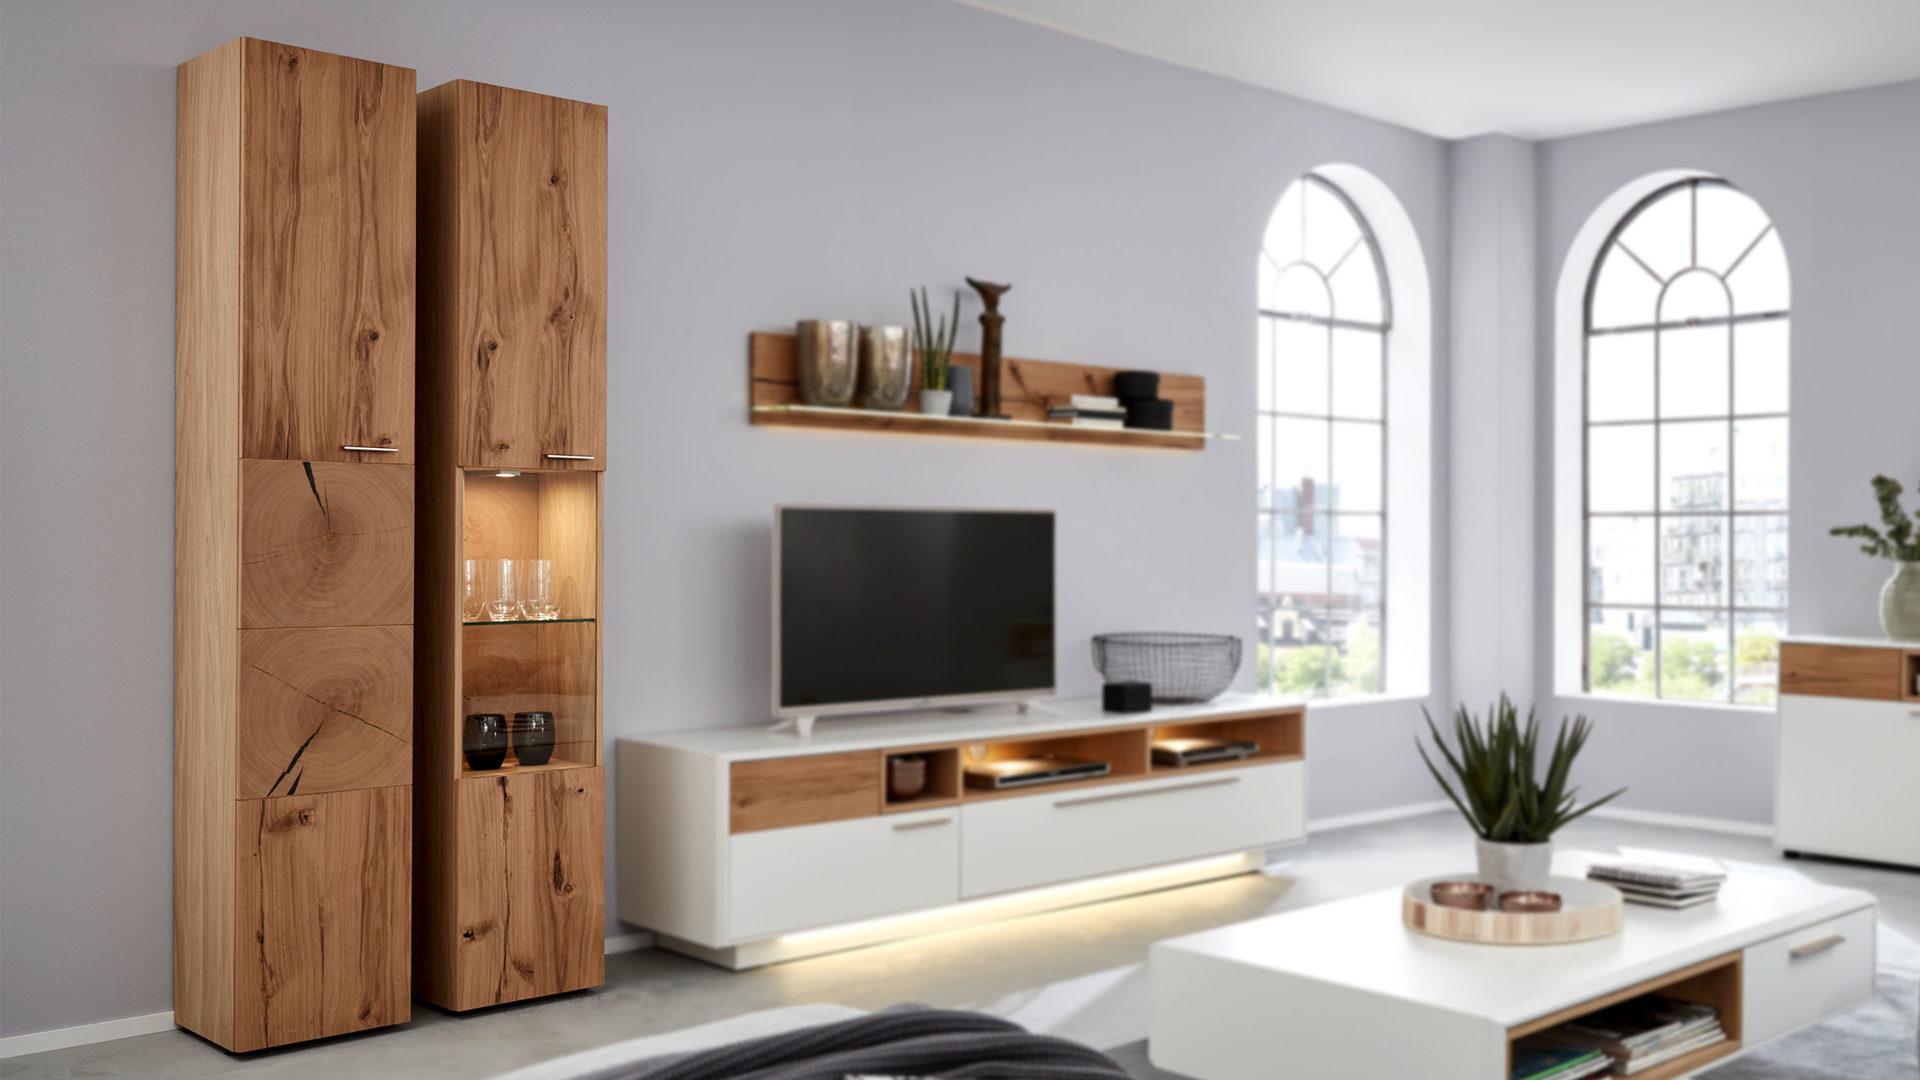 Interliving Wohnzimmer Serie 20 – Vitrinenschrank 20 mit Beleuchtung,  helles Asteiche-Furnier – eine Tür mit Glaseins